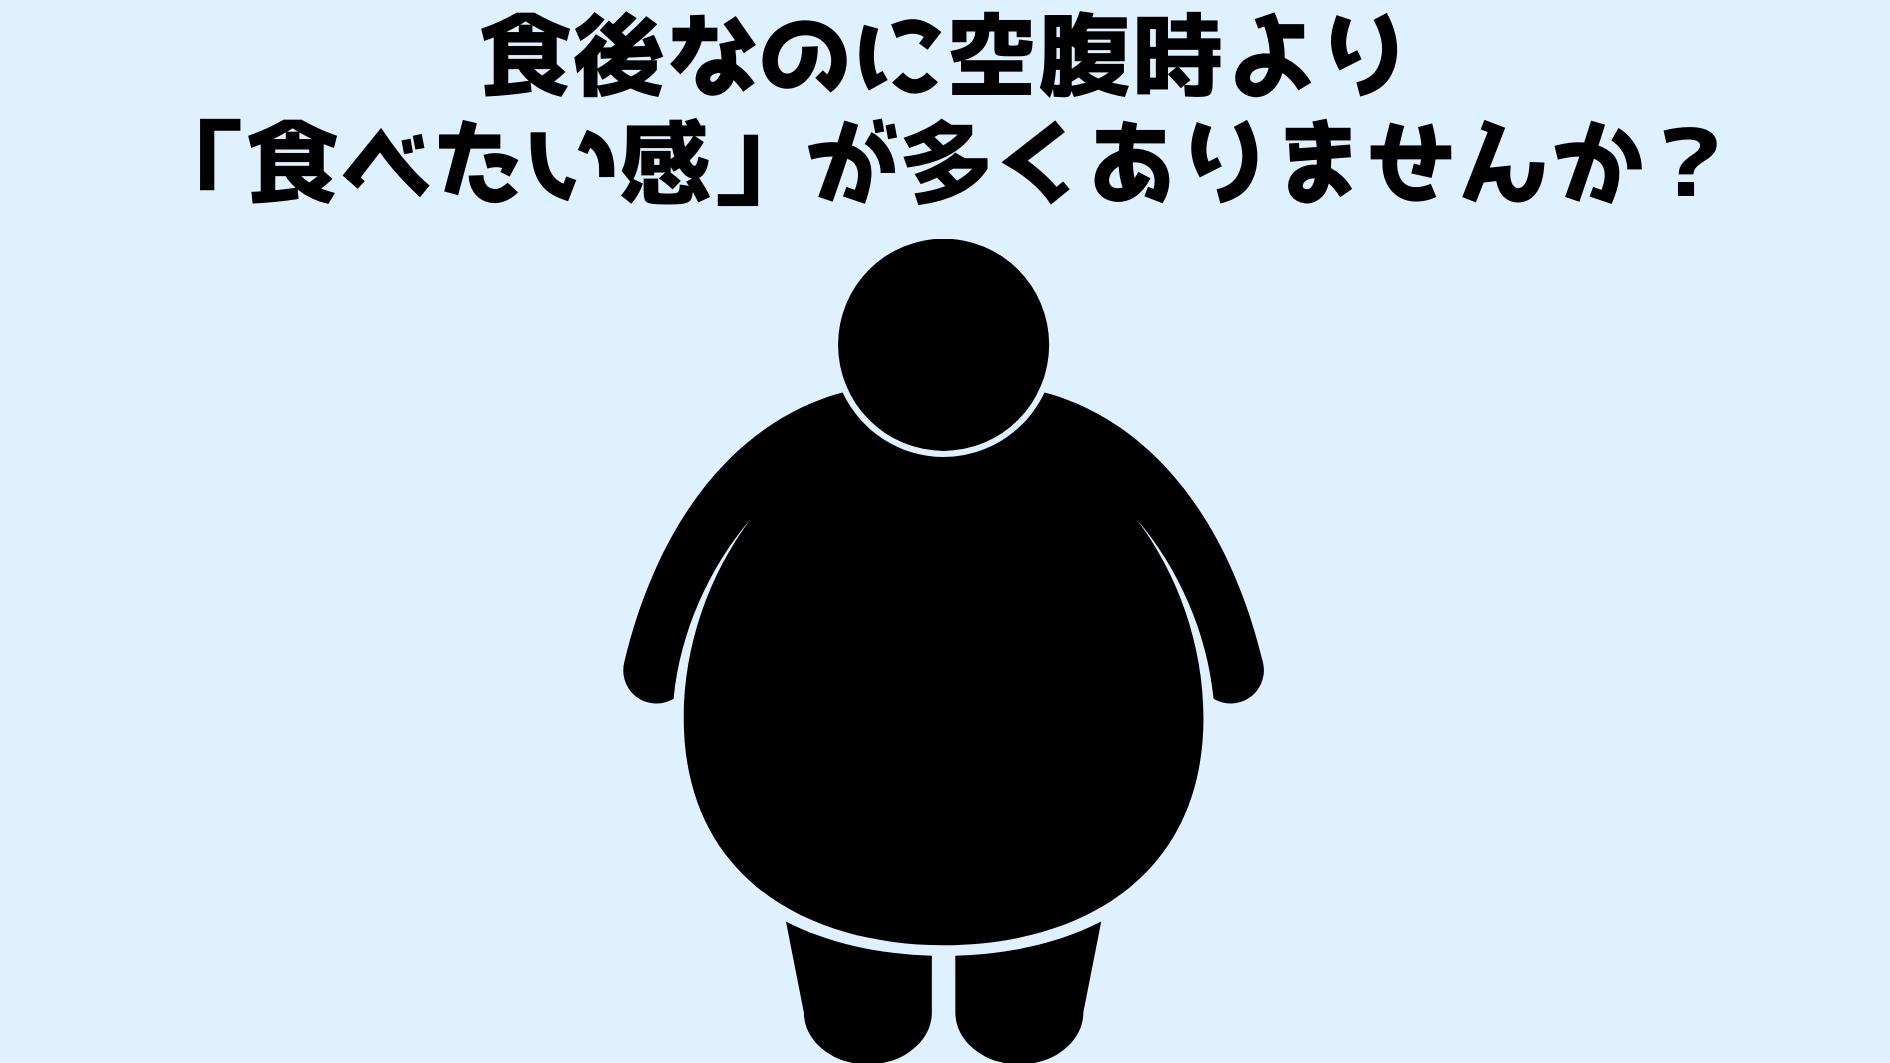 吸収が良すぎる加工食品が「飢え」を呼び肥満に導くと判明